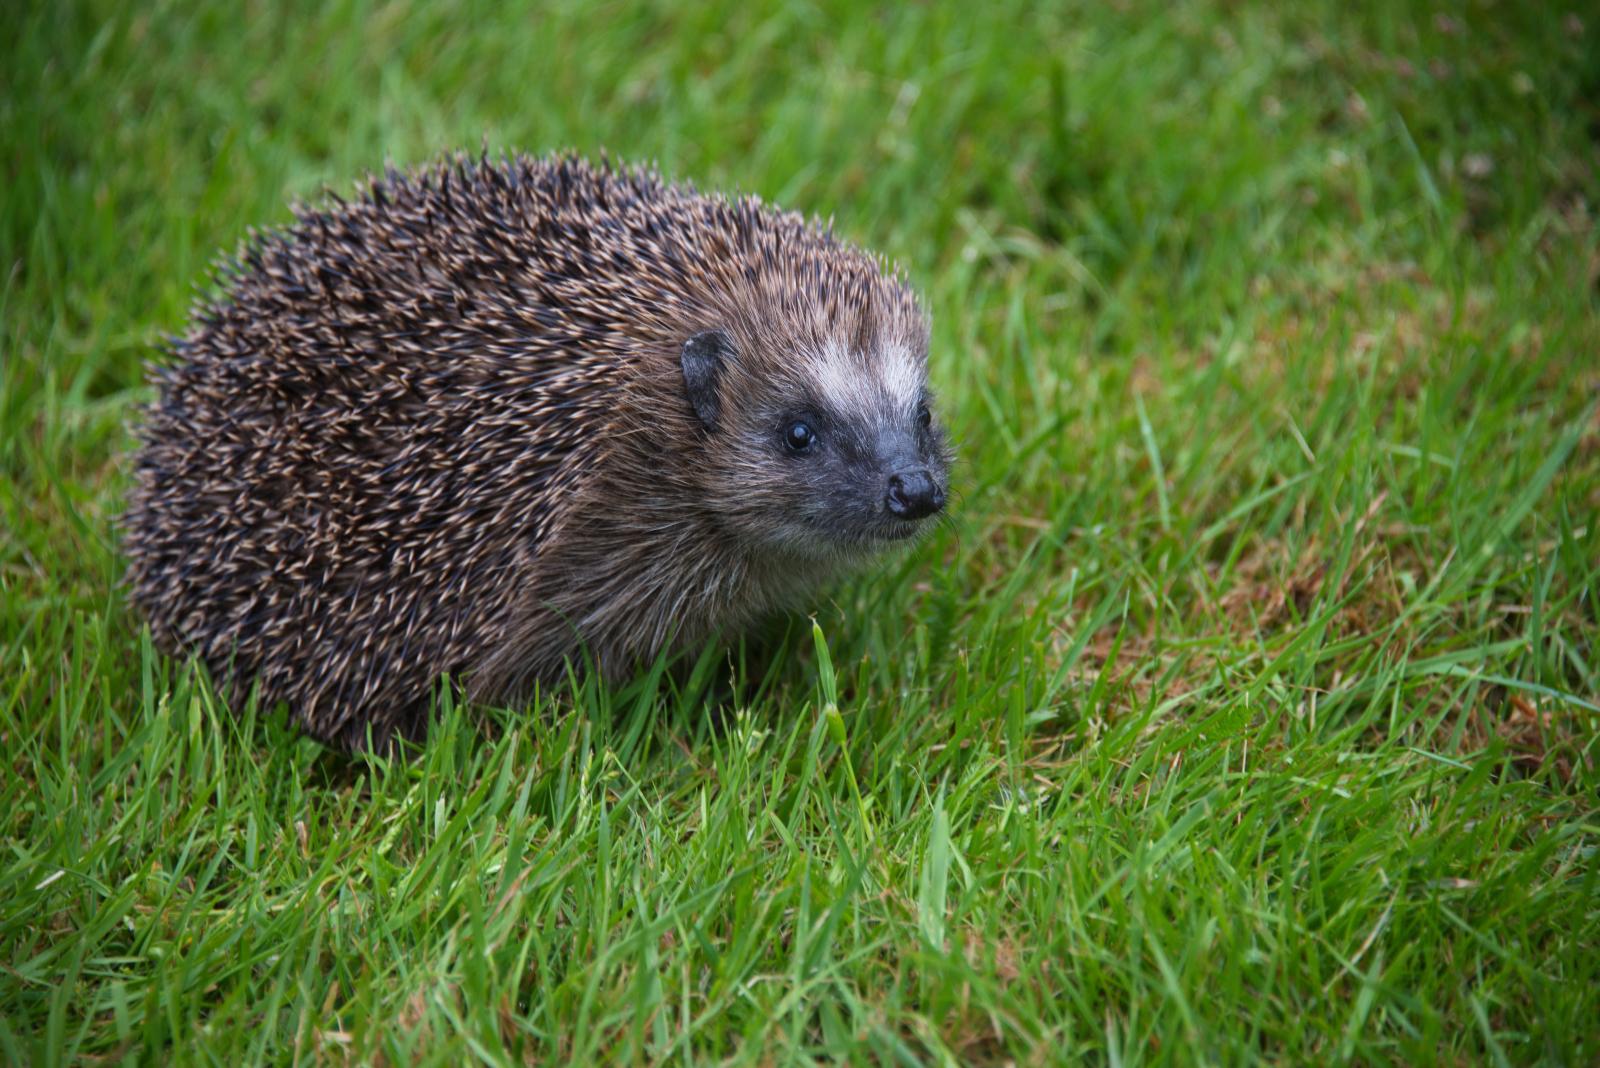 im moment foto  bild  natur tiere wildlife bilder auf